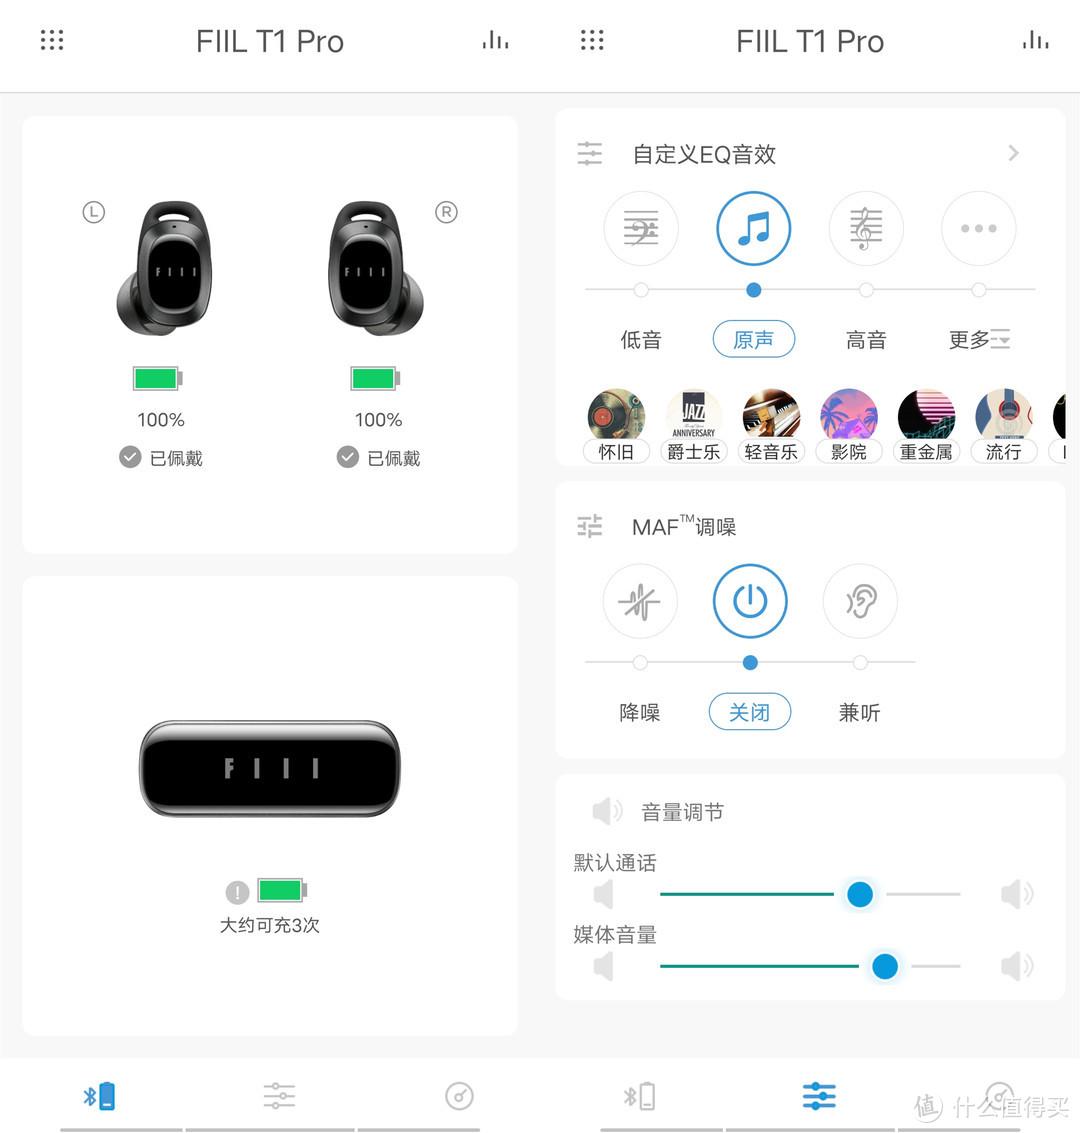 万字长文:真无线蓝牙耳机选购指南!五款主流产品全方位对比评测